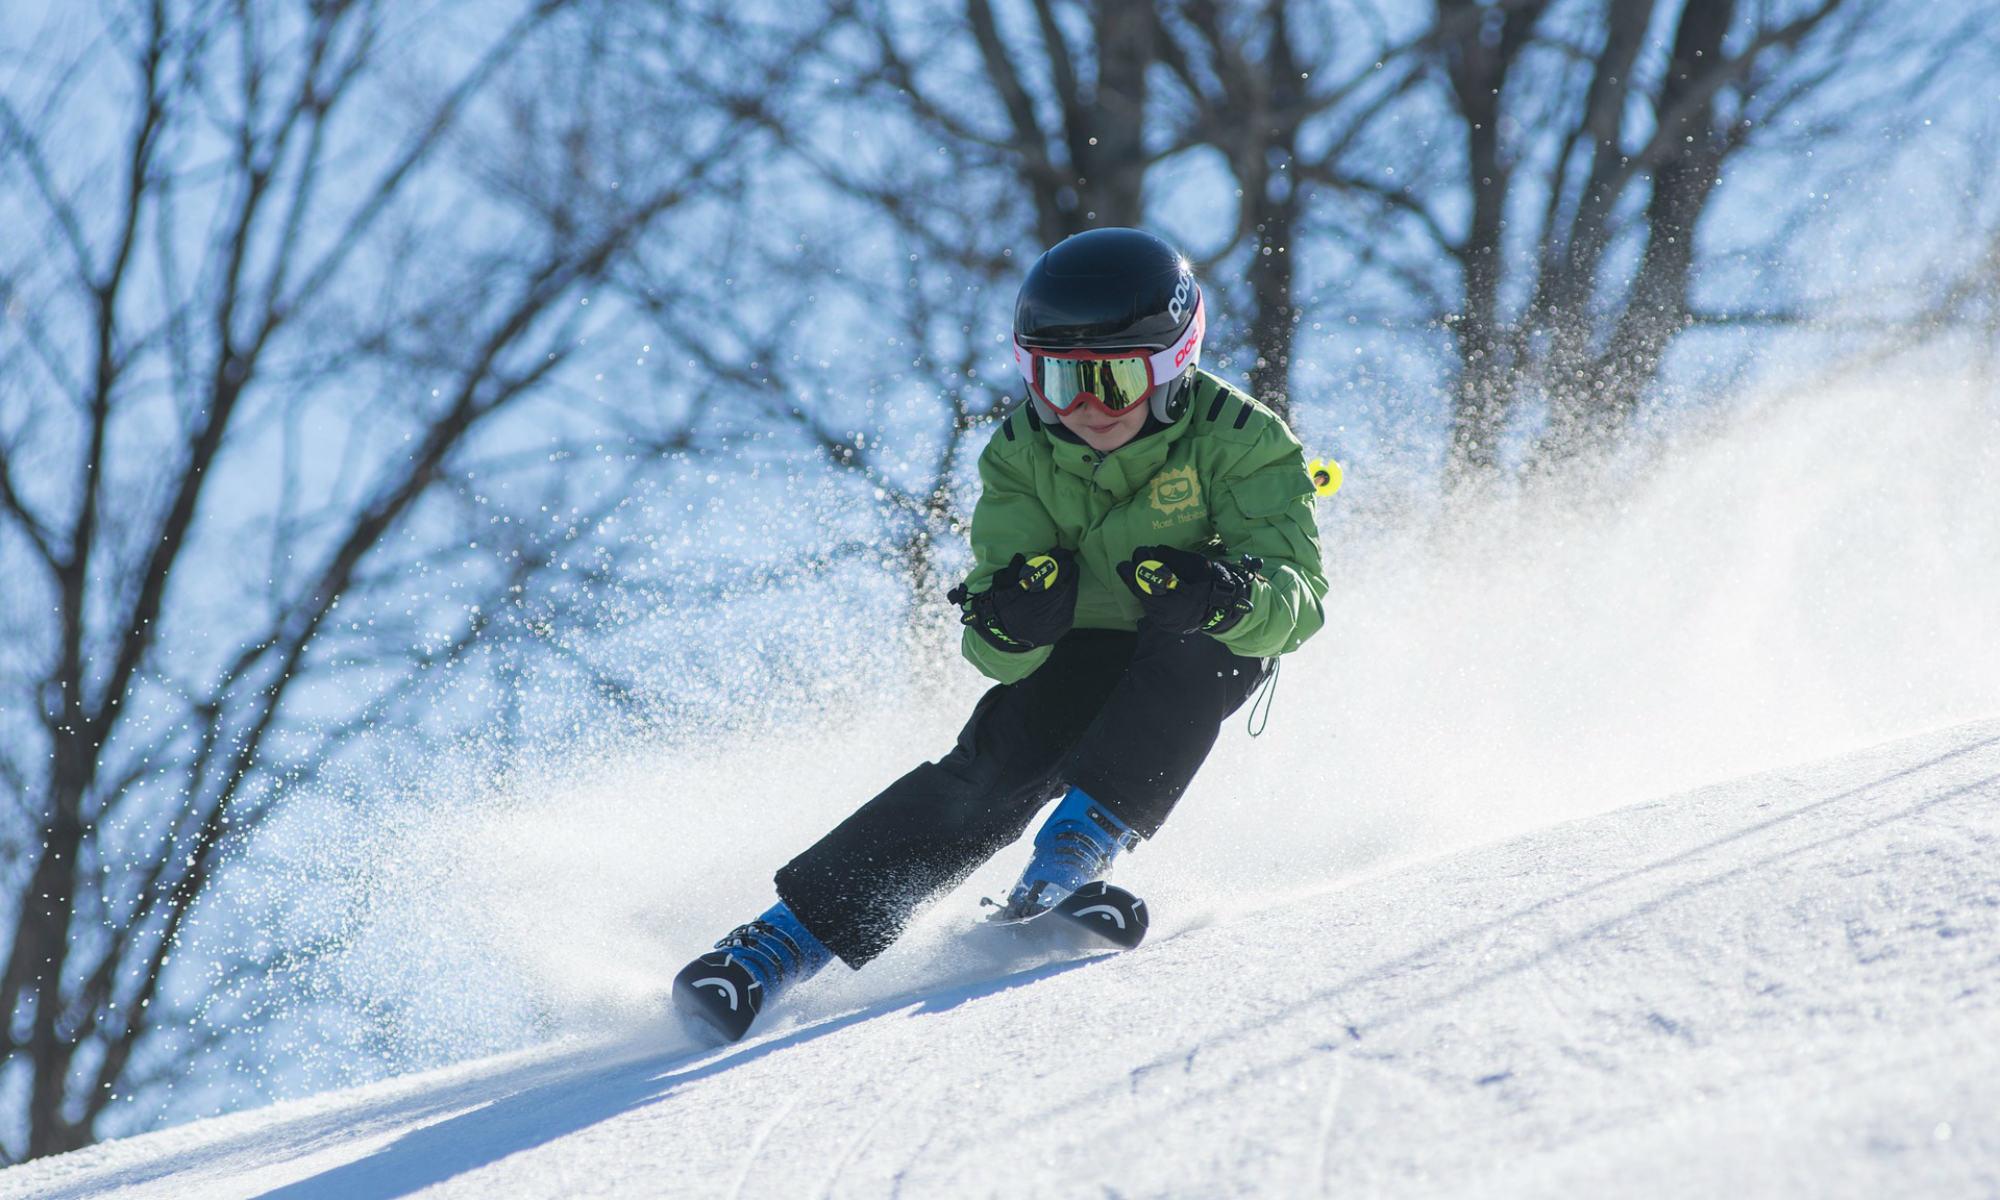 Ein 7-jähriges Kind beim Skifahren mit Parallelschwung.